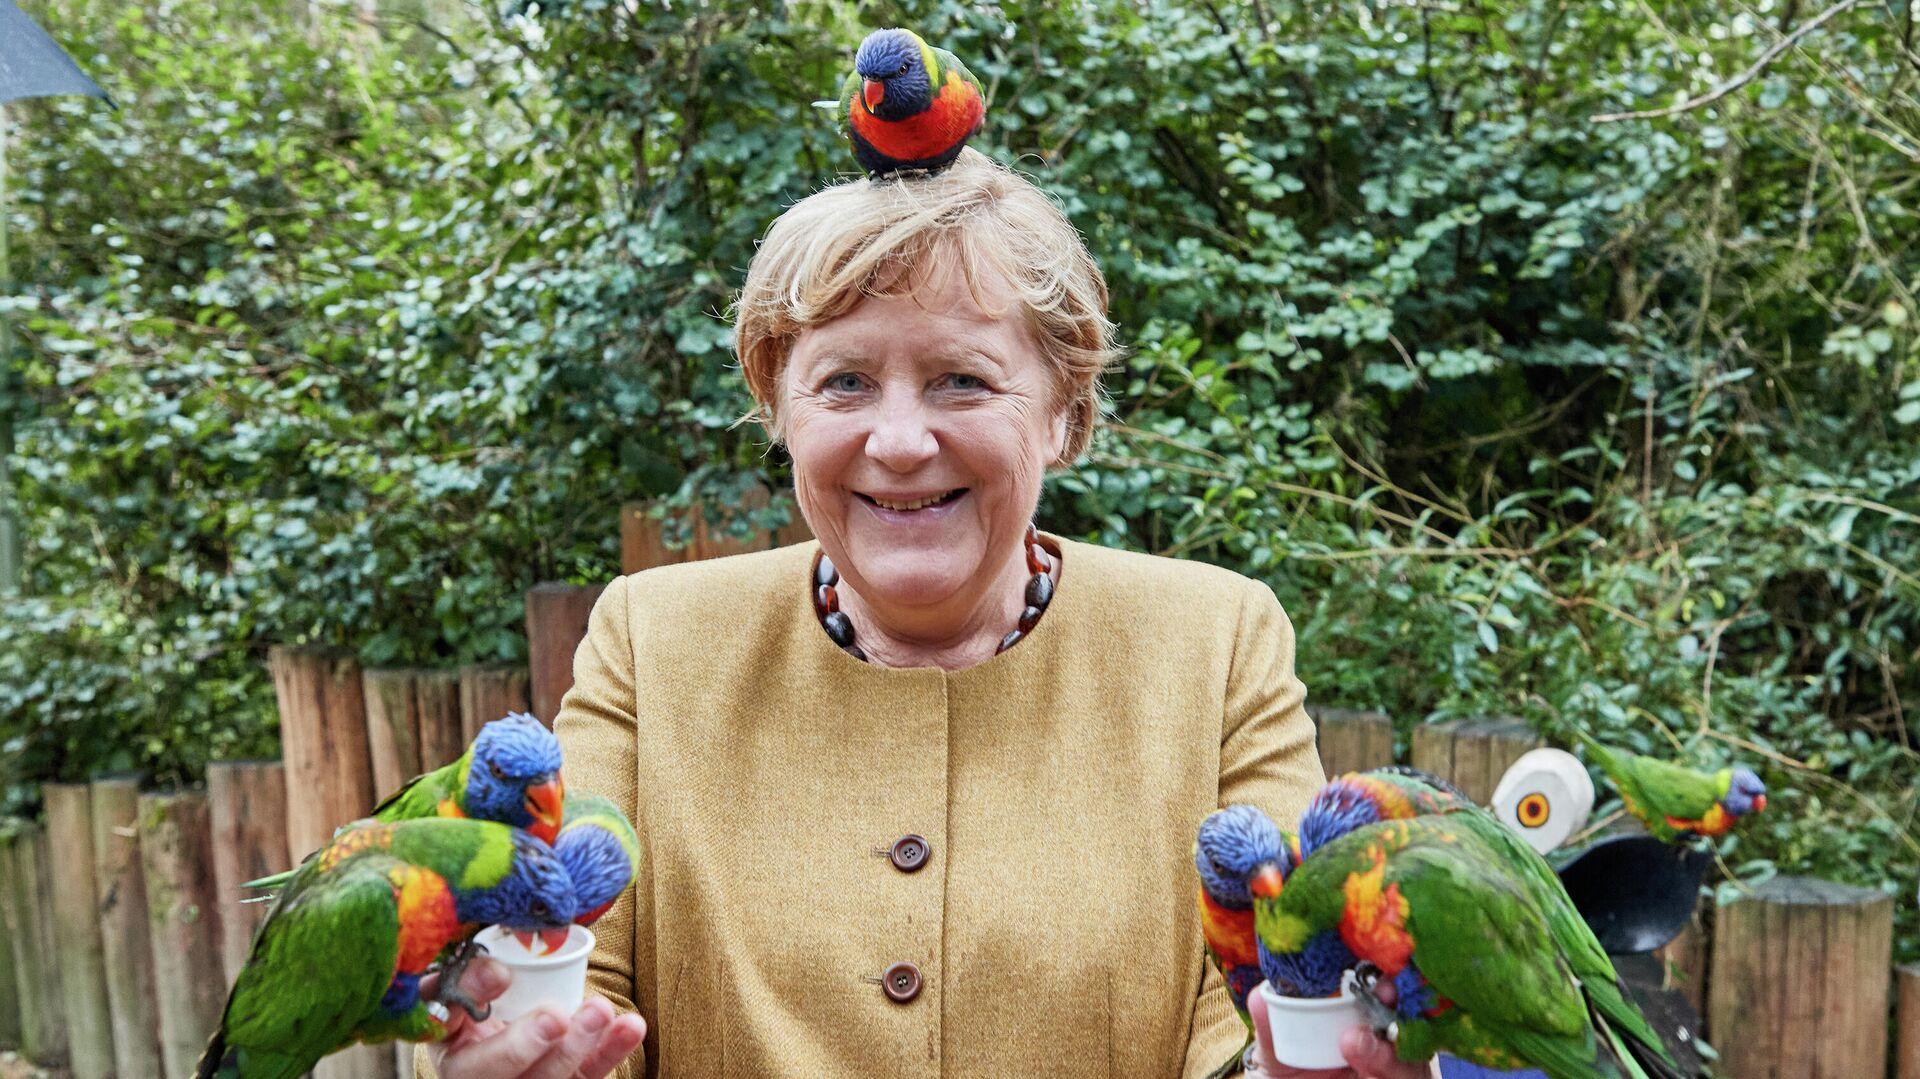 Канцлер Германии Ангела Меркель в Парке птиц в городе Марлов, Германия - РИА Новости, 1920, 24.09.2021